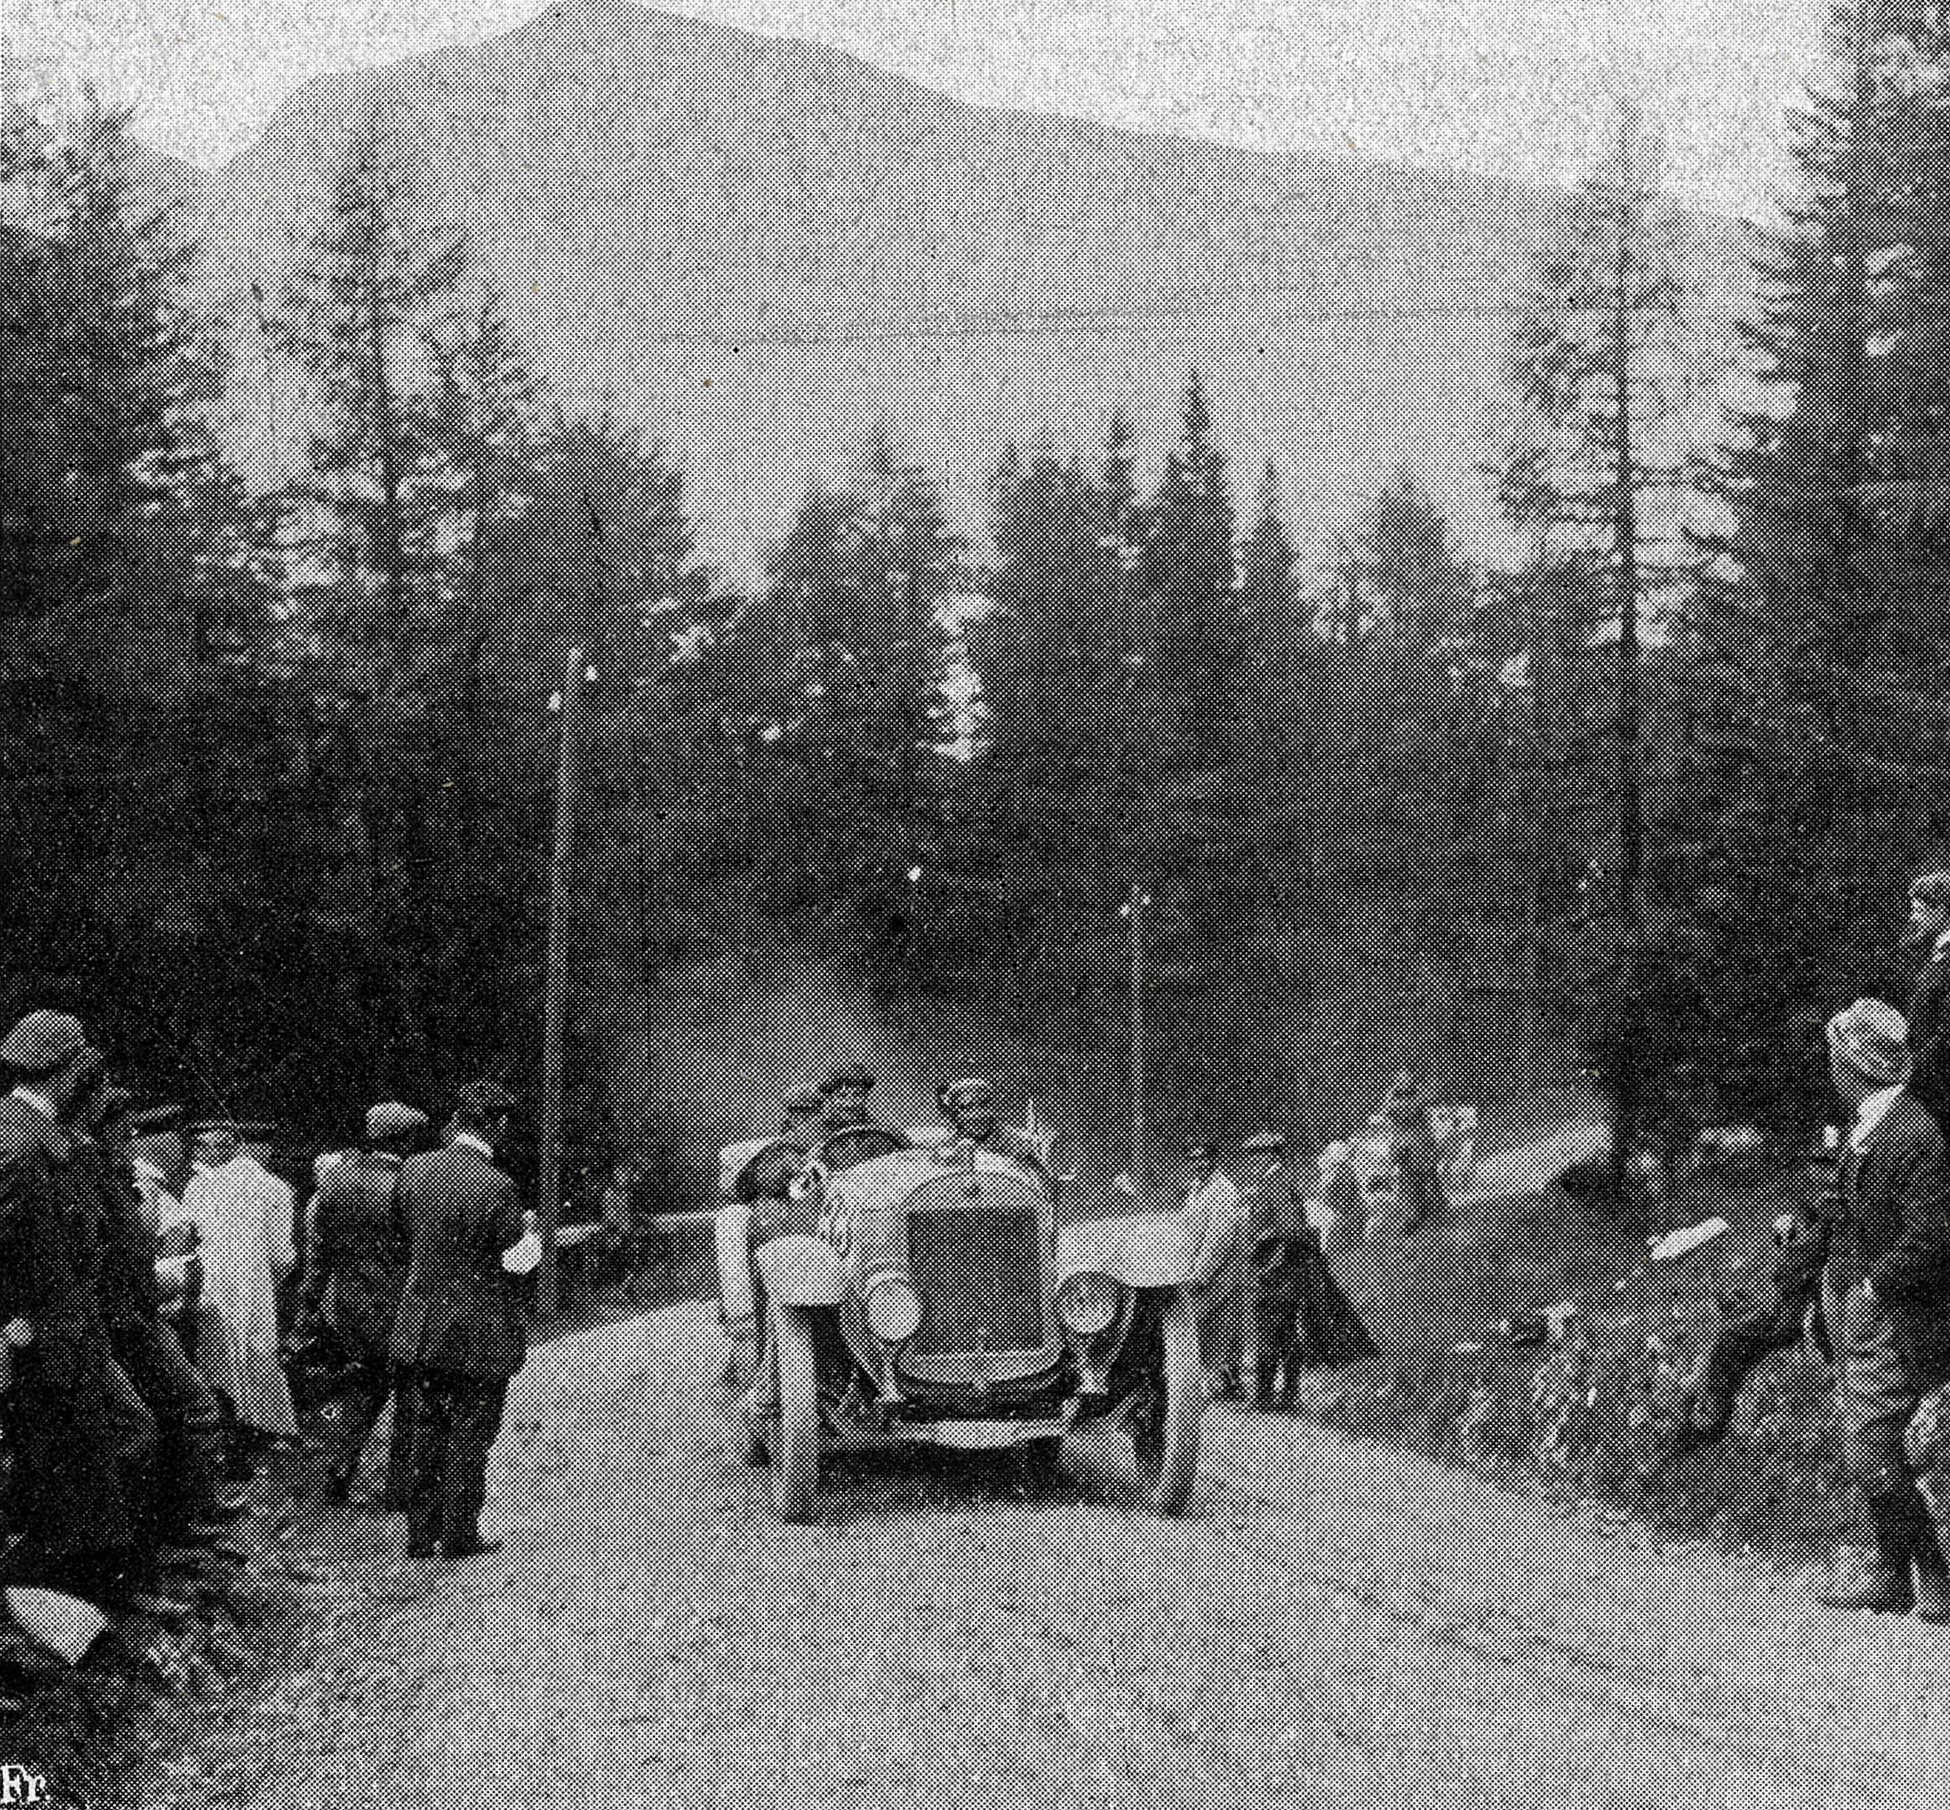 Otto Hieronimus a jeho Laurin & Klement zdolali 2364 km Alpské jízdy 1912 bez trestných bodů